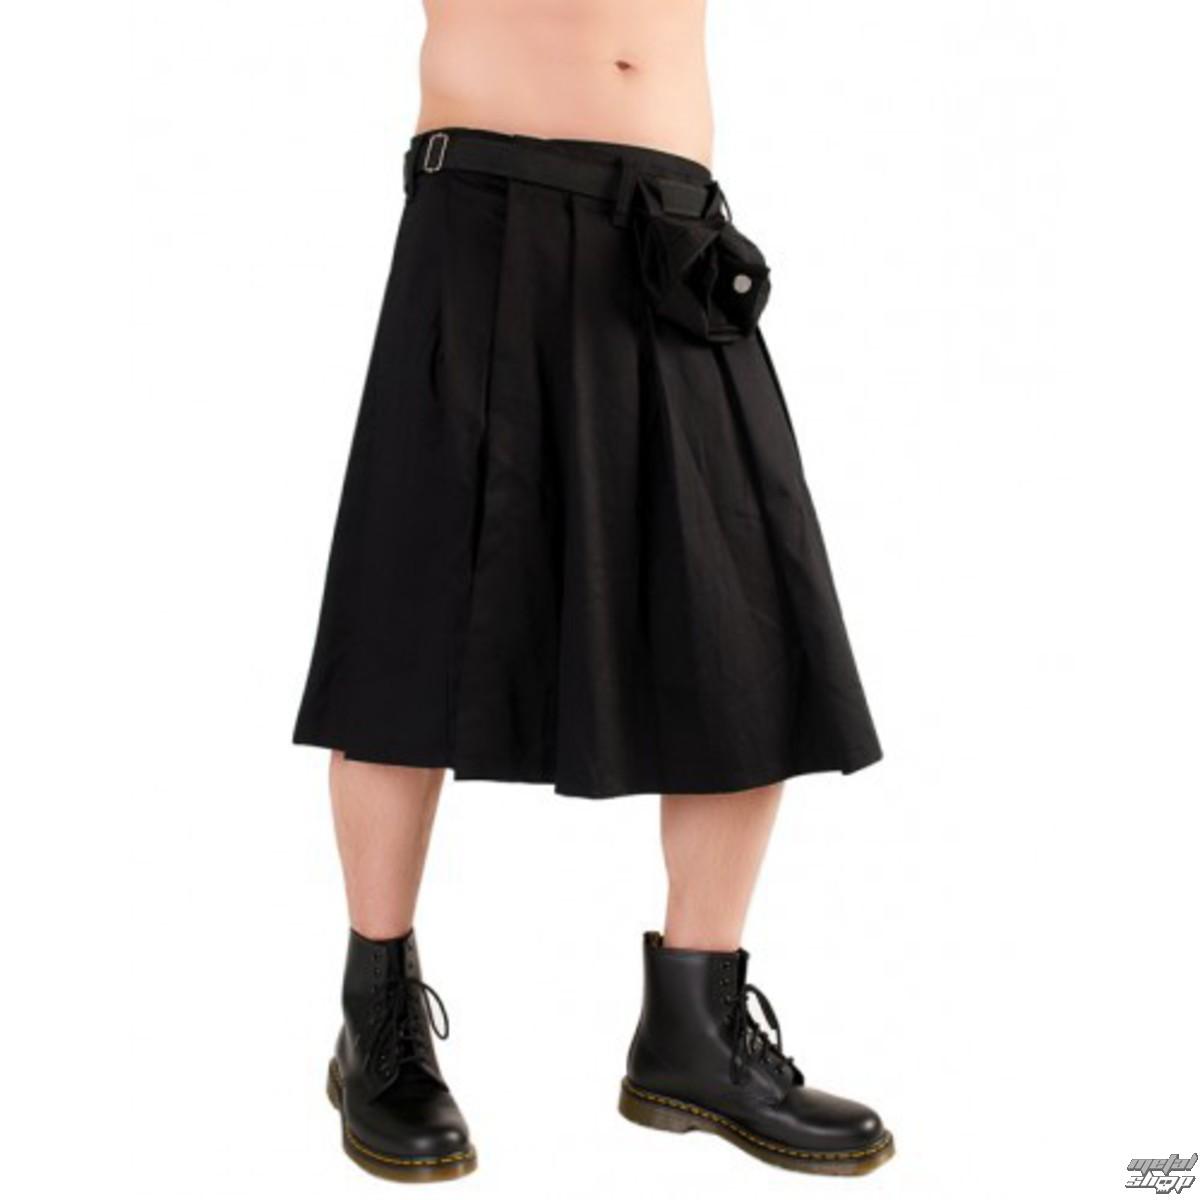 kilt Black Pistol - Short Kilt Denim Black - B-2-10-001-00